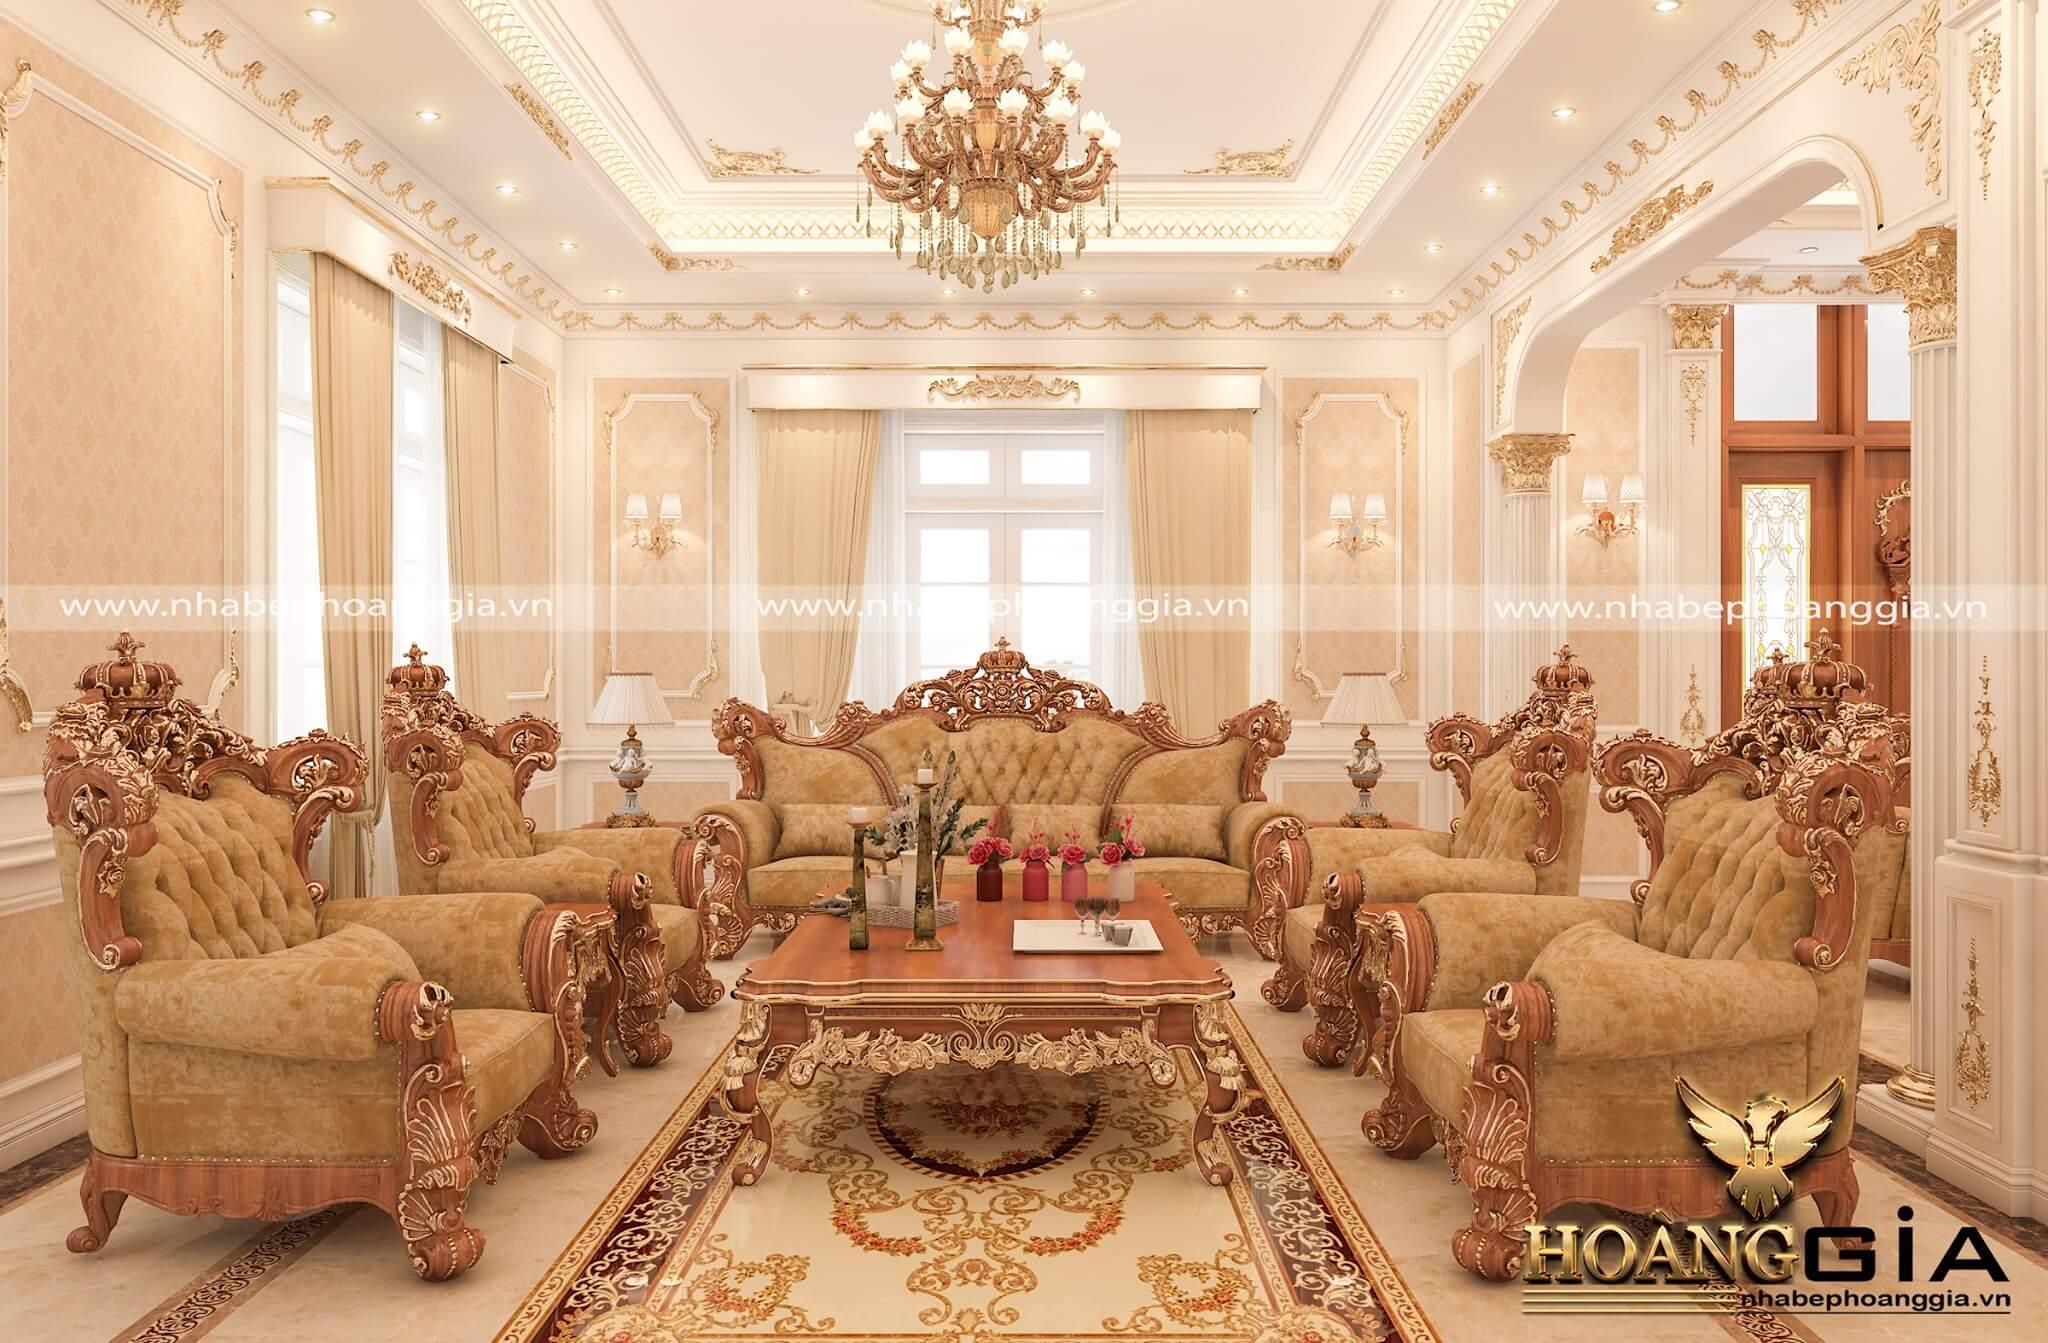 thiết kế bàn ghế phong cách Châu Âu